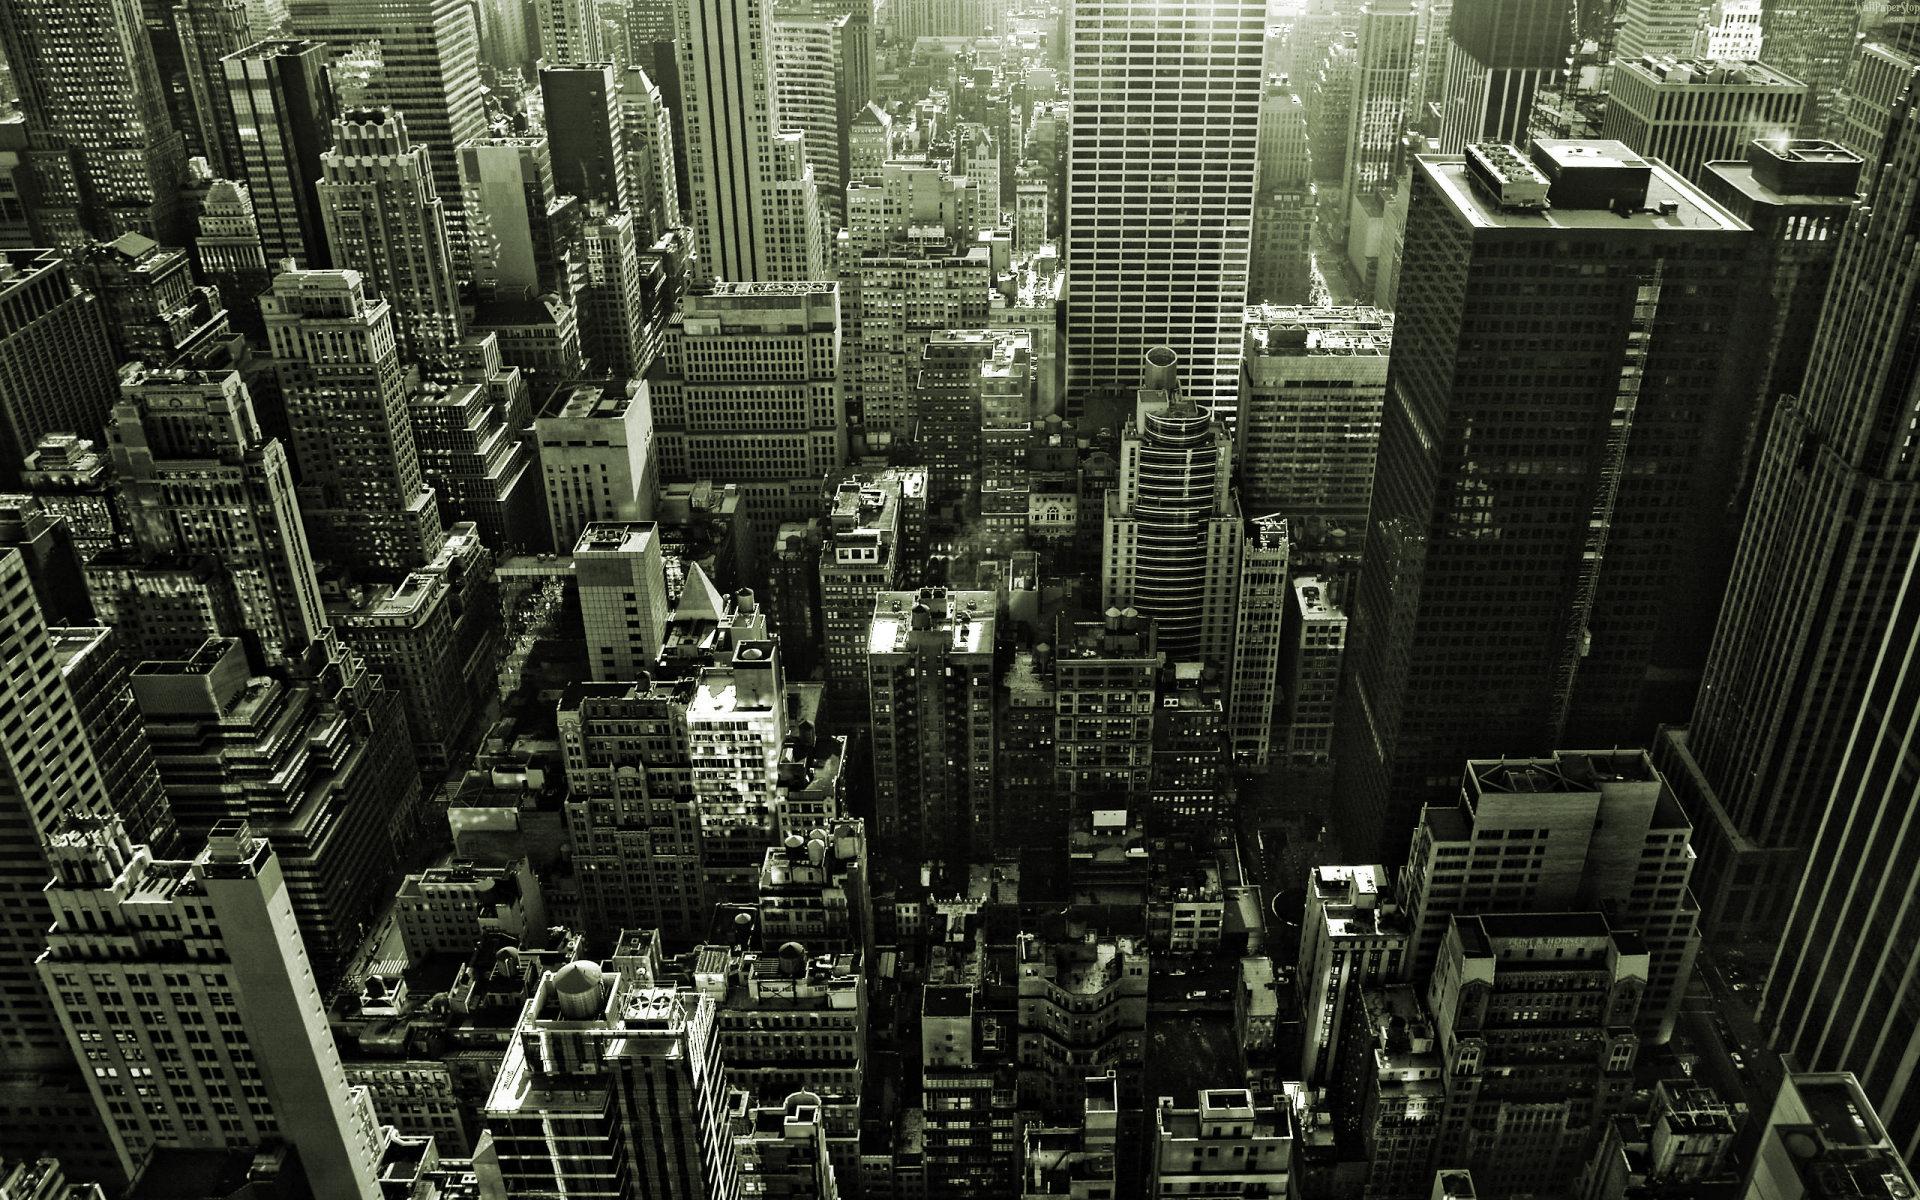 Sfondi Desktop Hd New York Bianco E Nero Sfondi Hd Gratis